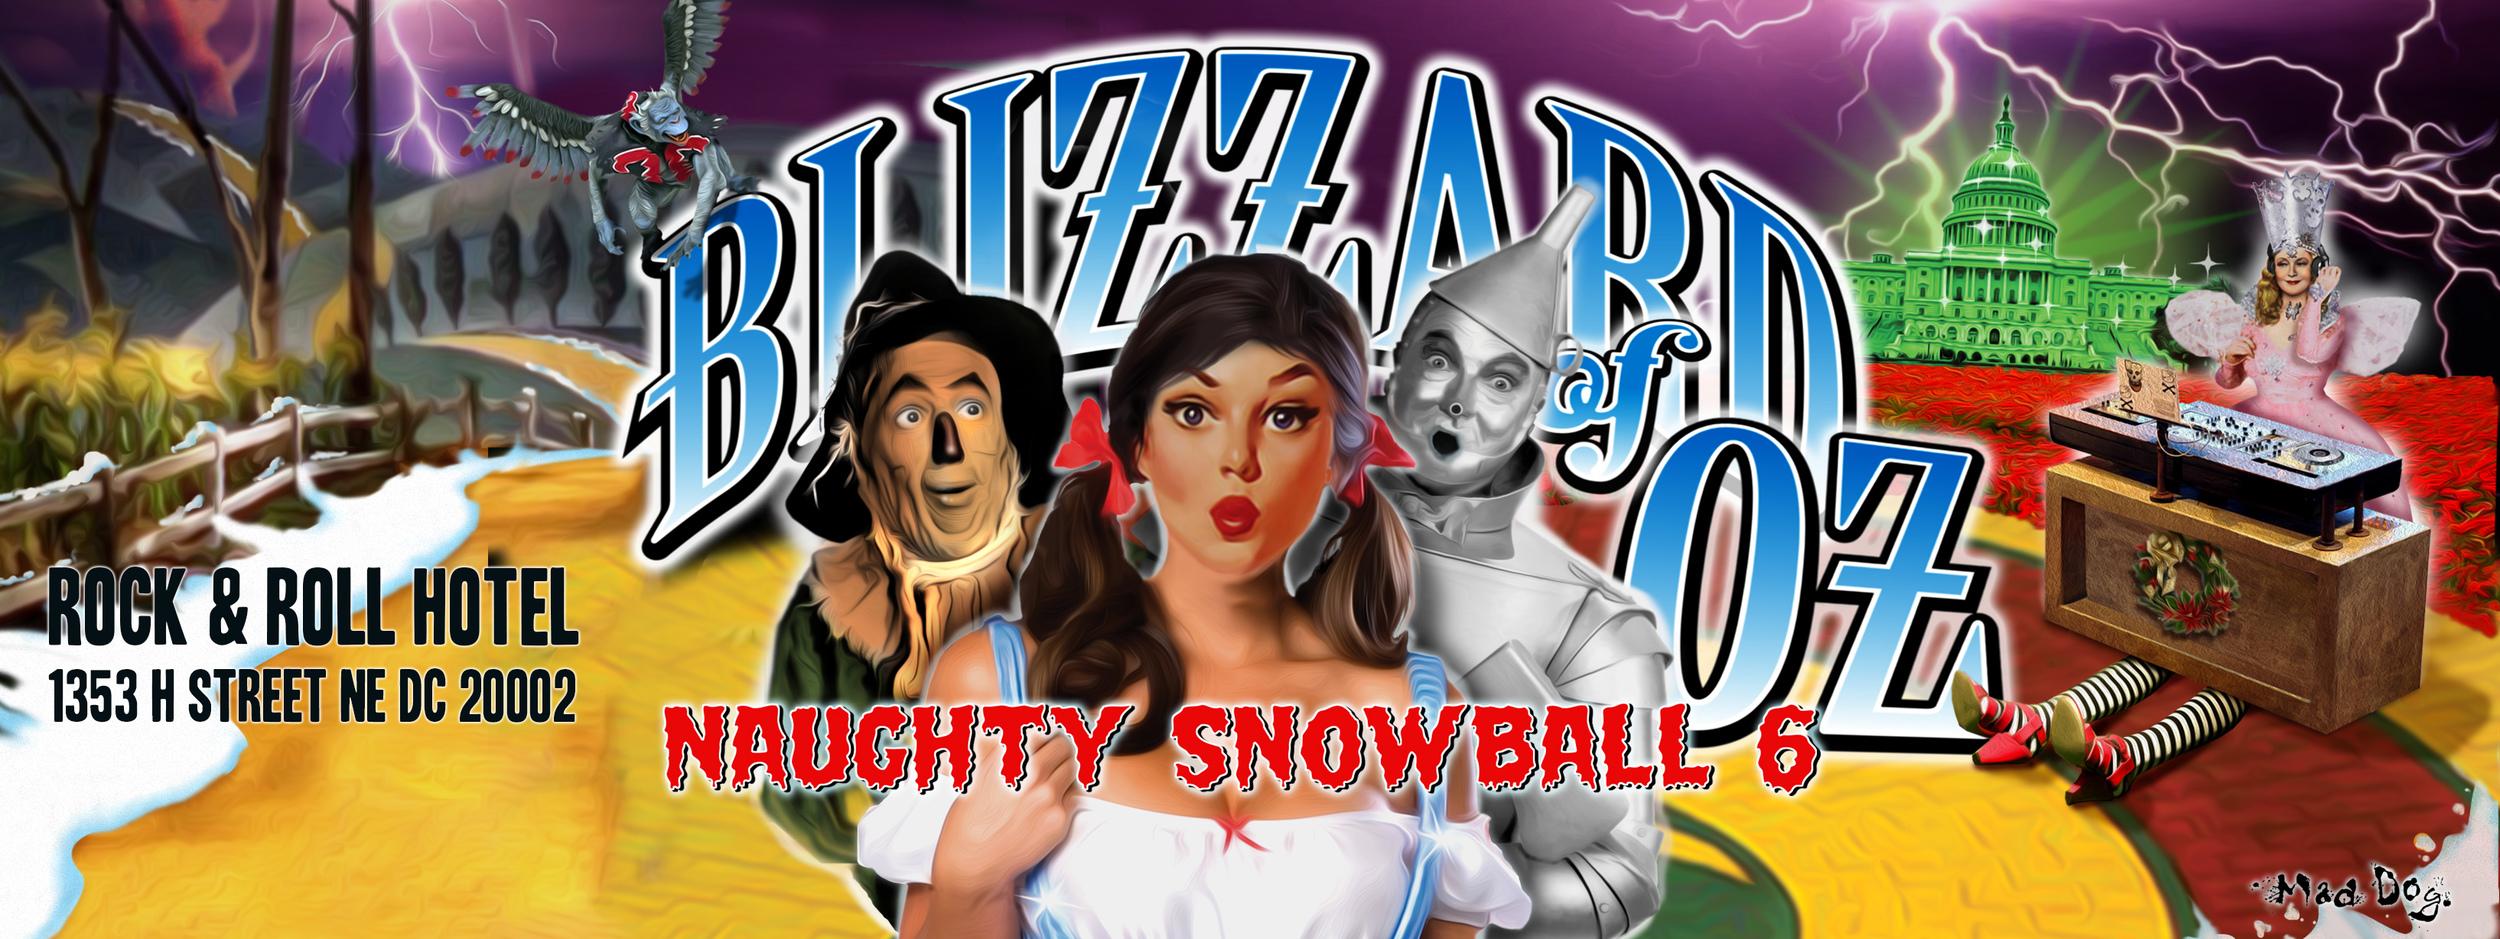 new blizzard of Oz banner 2.jpg